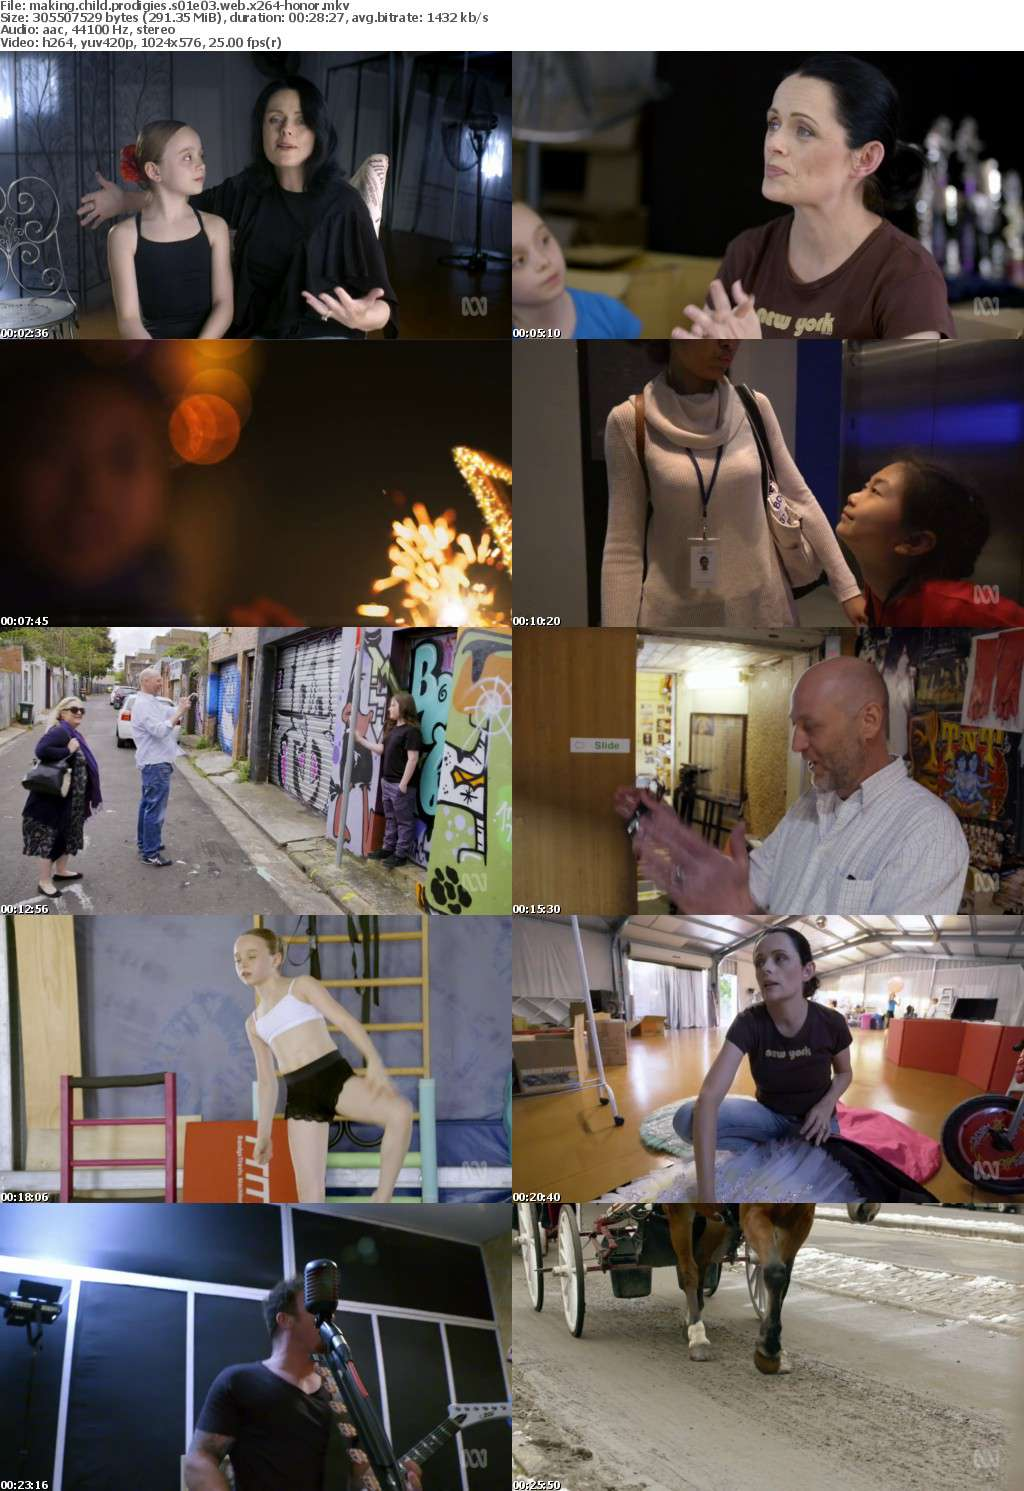 Making Child Prodigies S01E03 WEB x264-HONOR